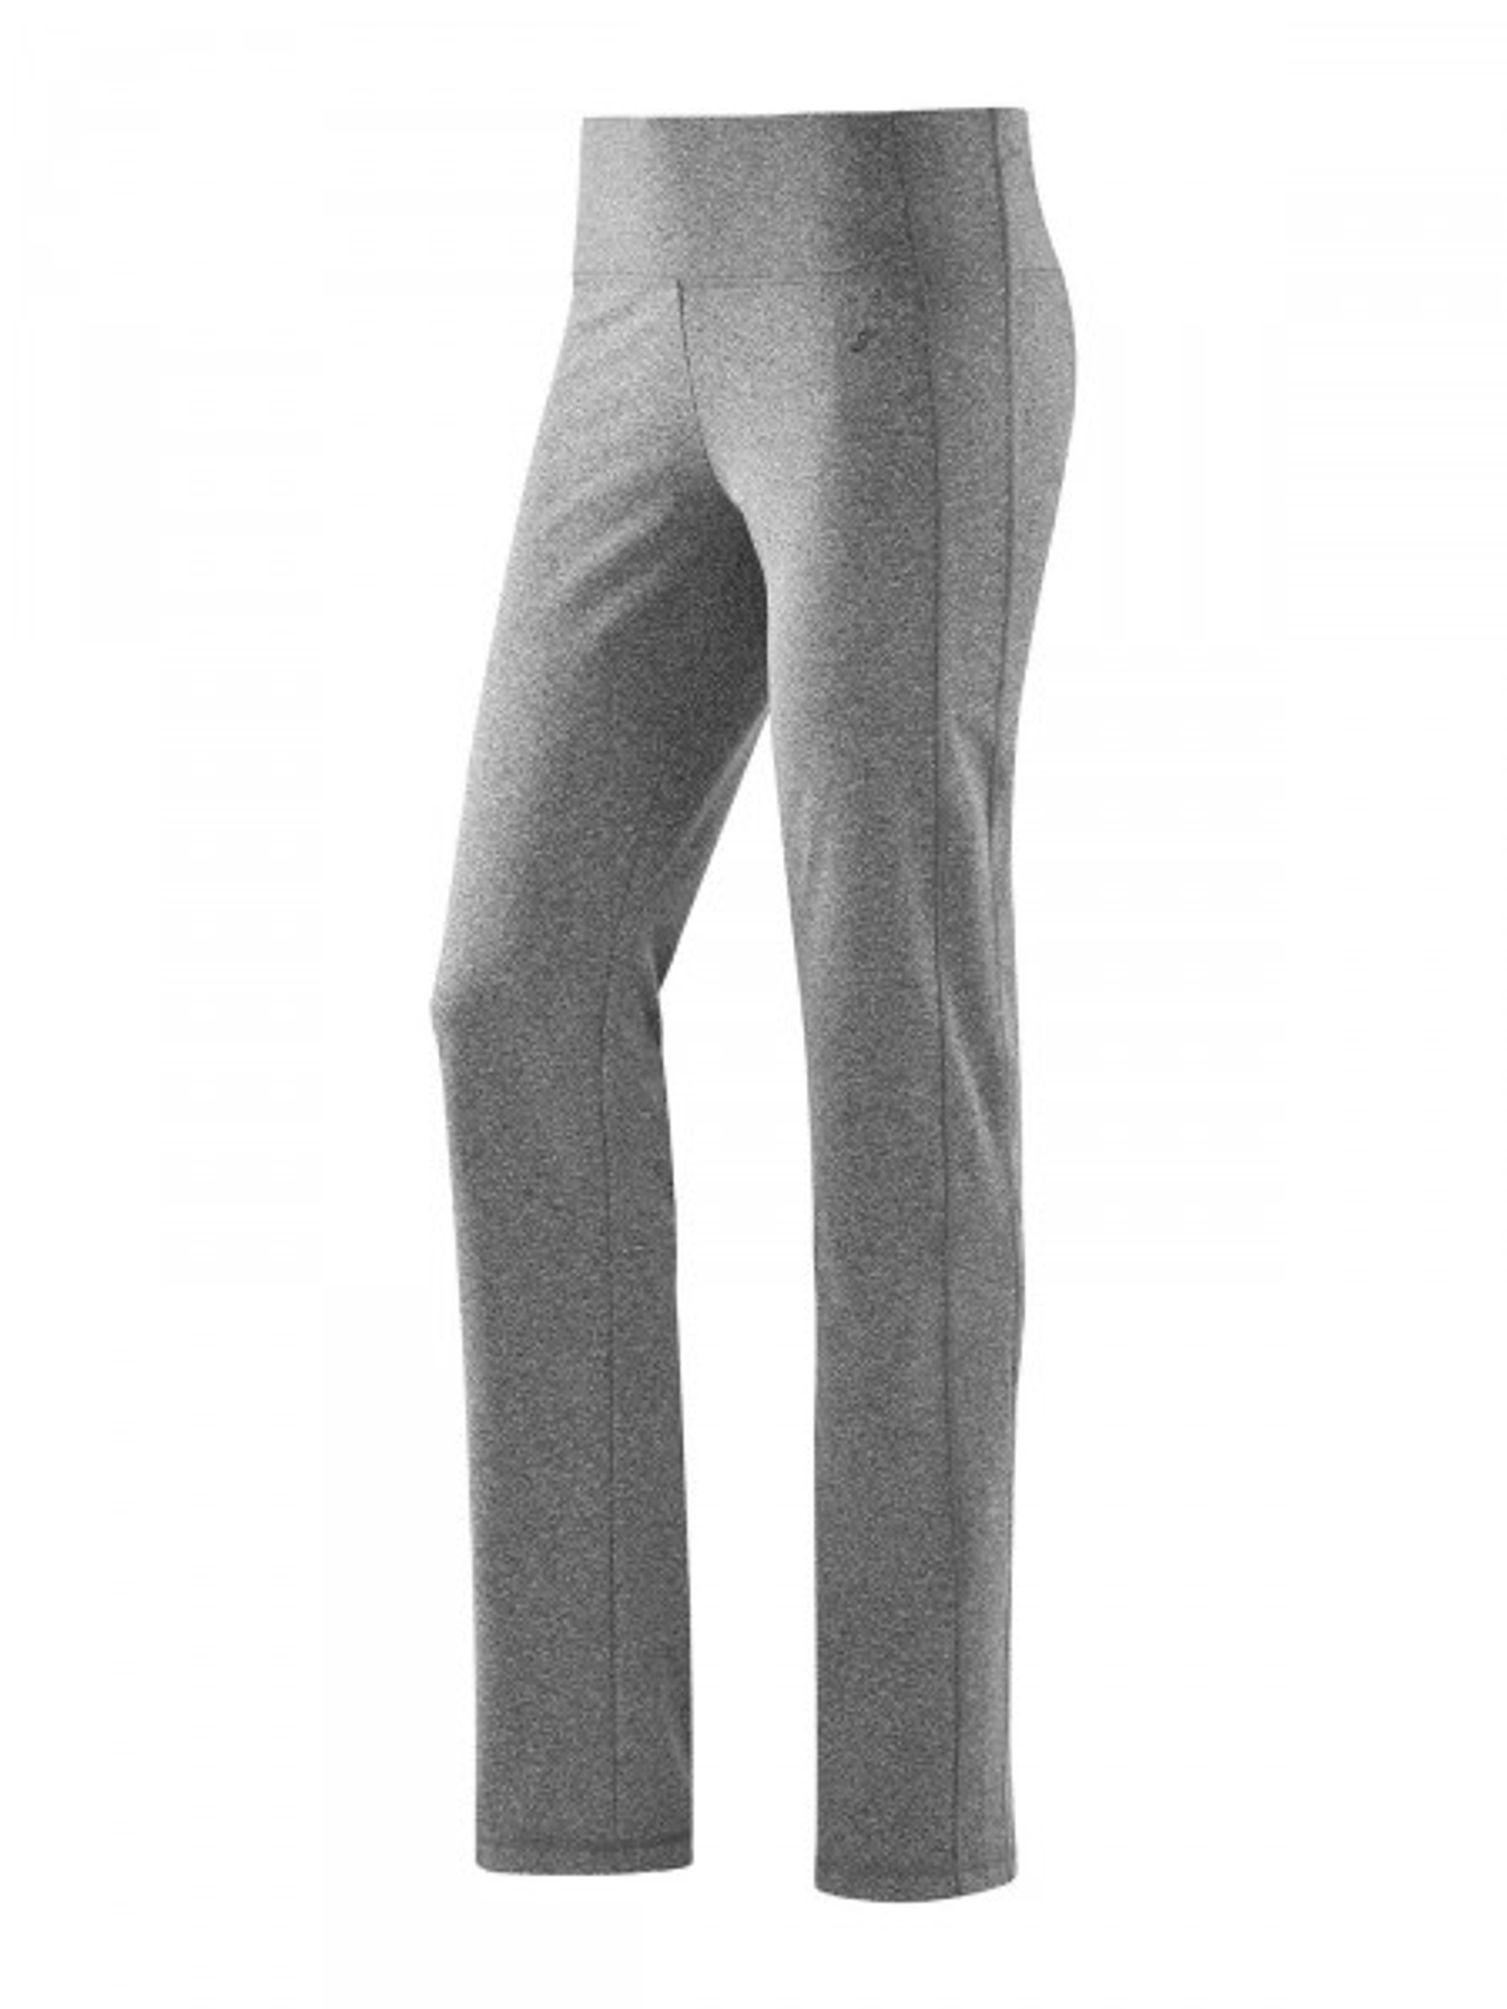 30140 Joy Damen Sport Hose mit Shaping-Effekt in 3 Farben Ester Bodyfit